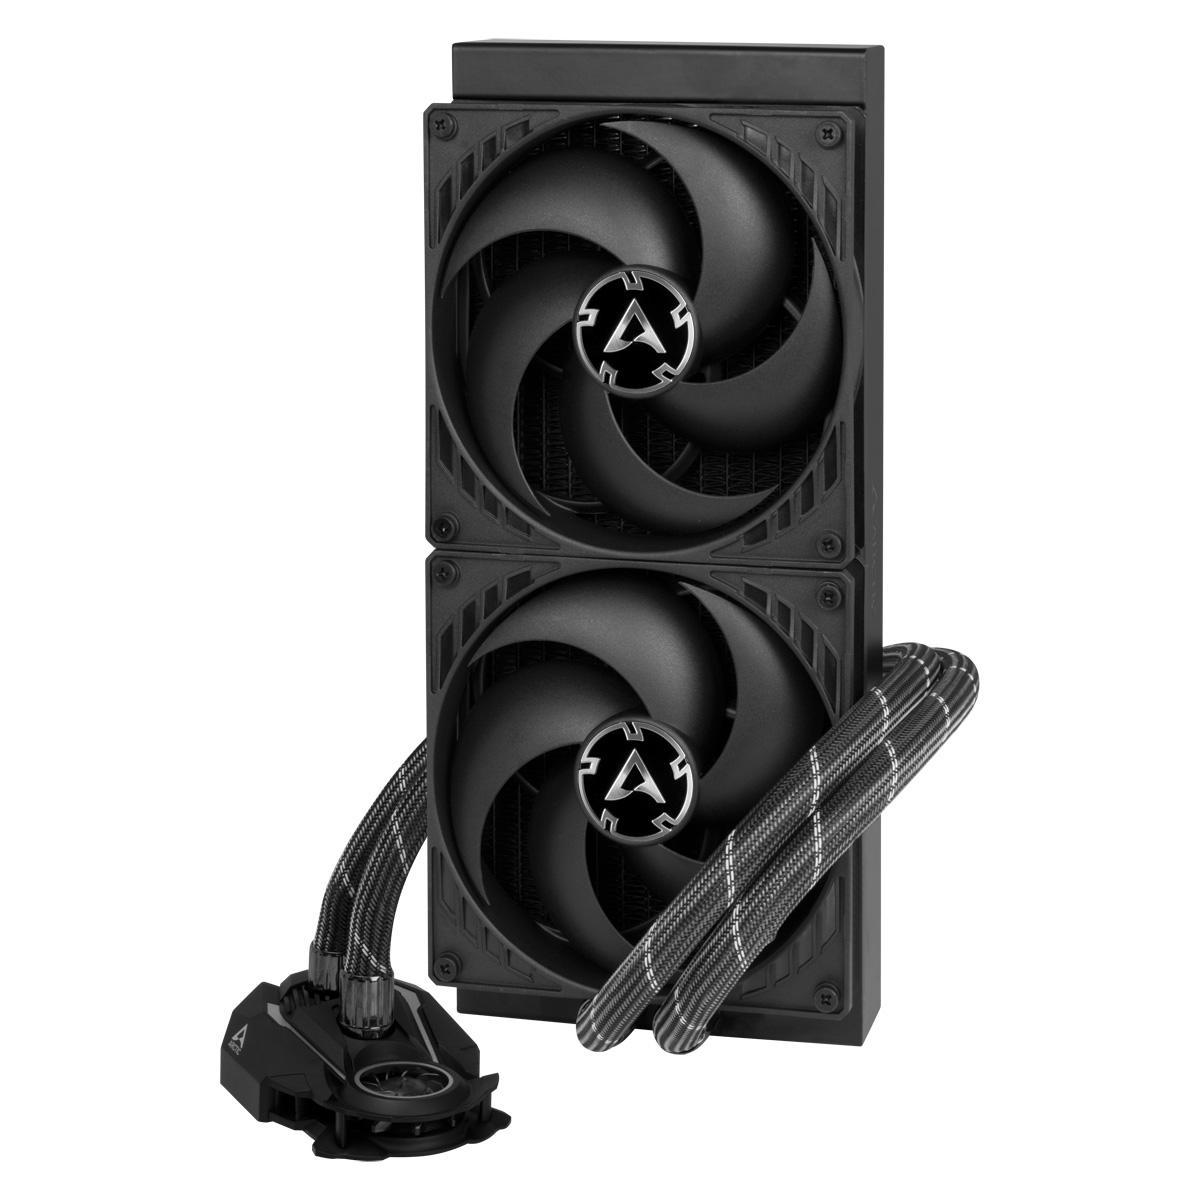 Охладител за процесор Arctic Freezer II (280mm), водно охлаждане, ACFRE00066A AMD/Intel-3